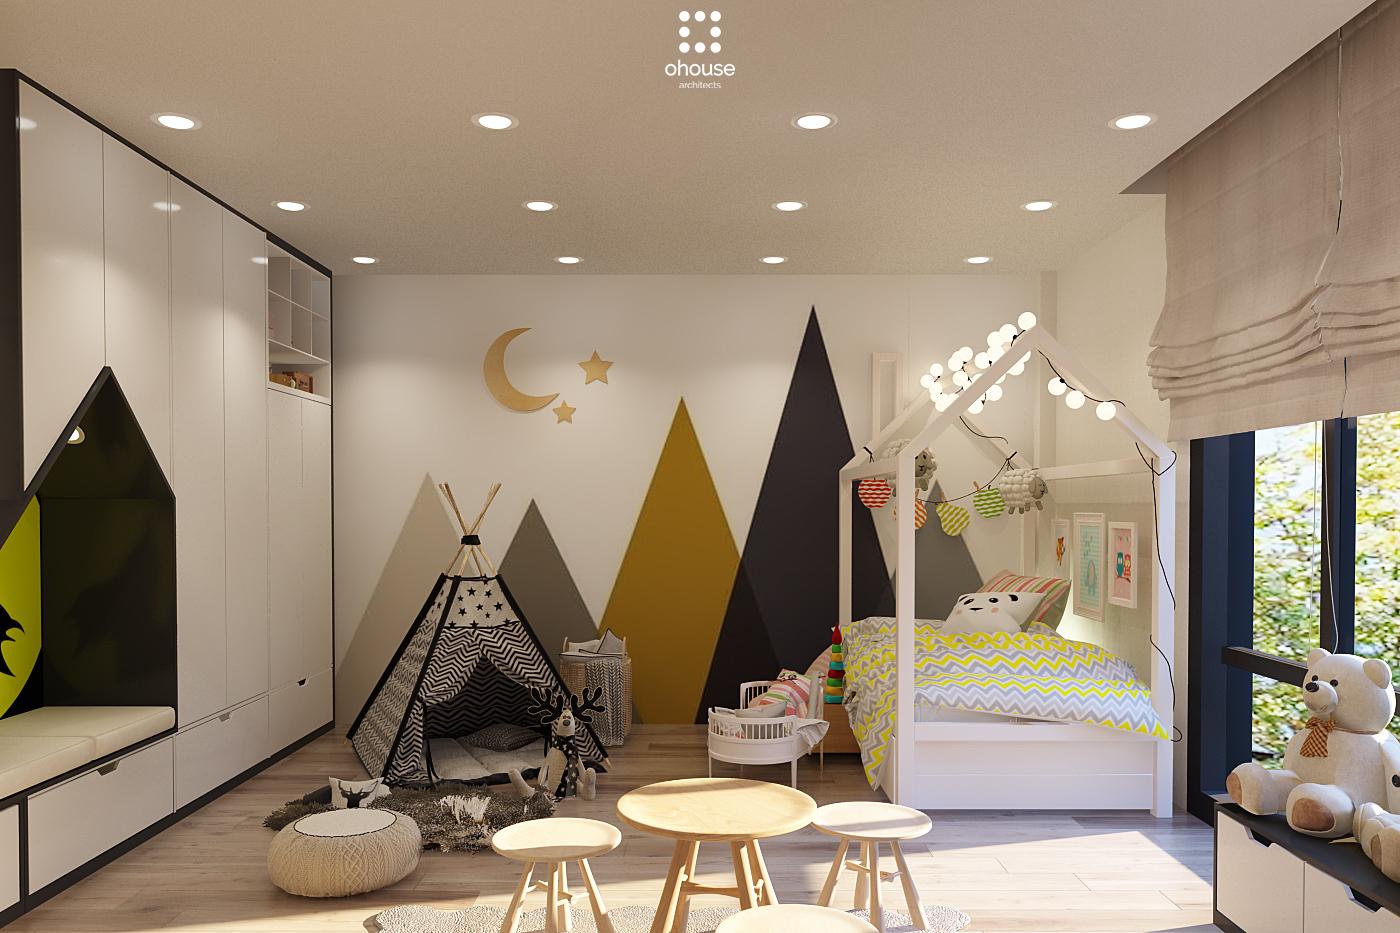 Thiết kế nội thất Nhà Mặt Phố tại Hồ Chí Minh Nội thất Nhà Phố Hà Đô 1590593213 9